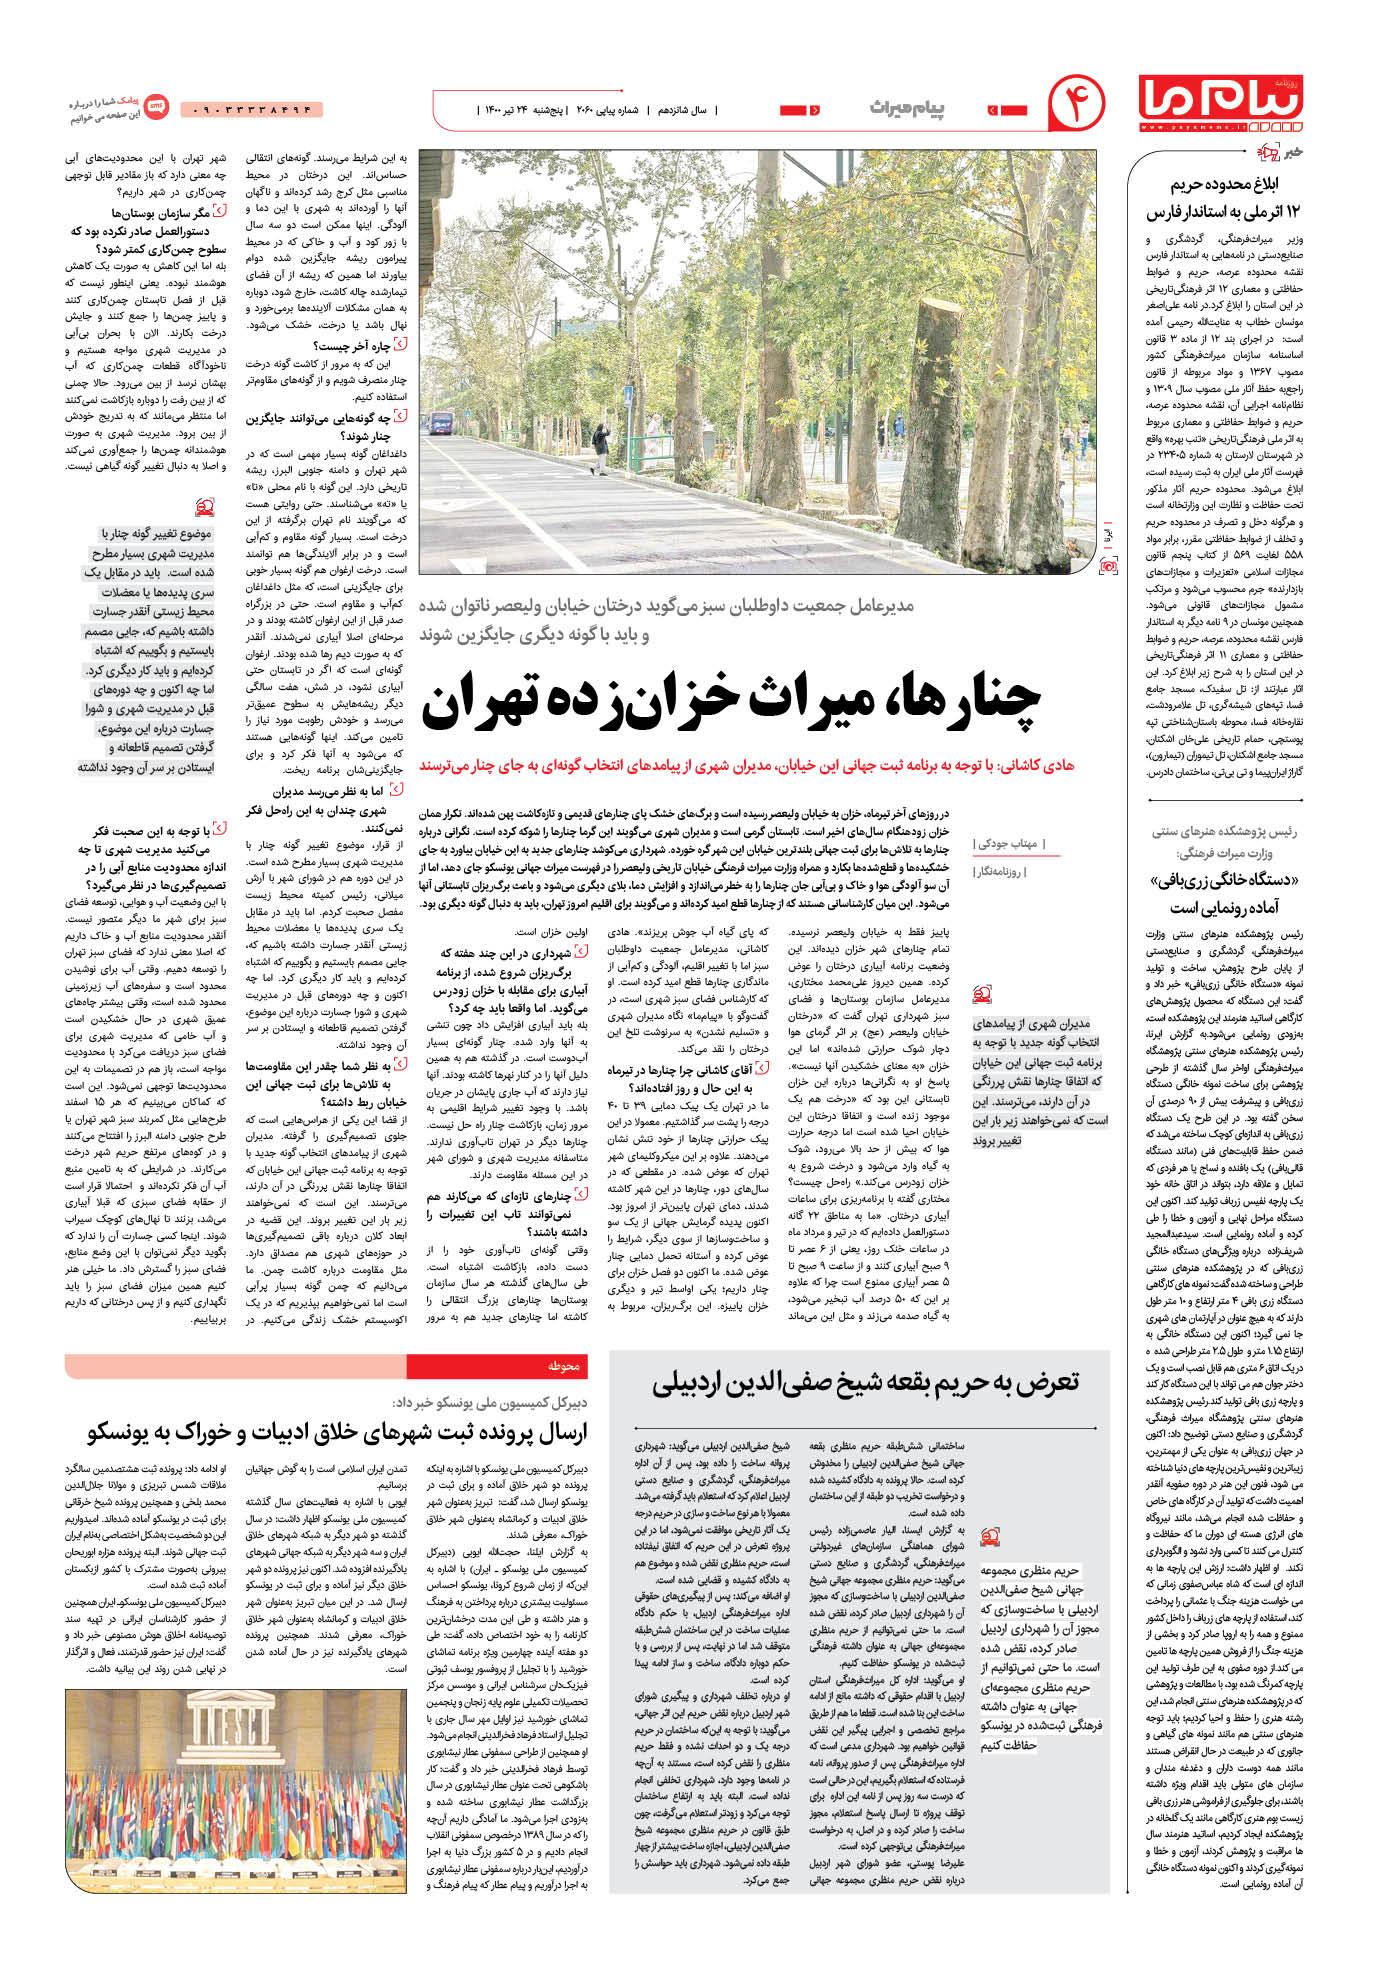 چنارها، میراث خزانزده تهران